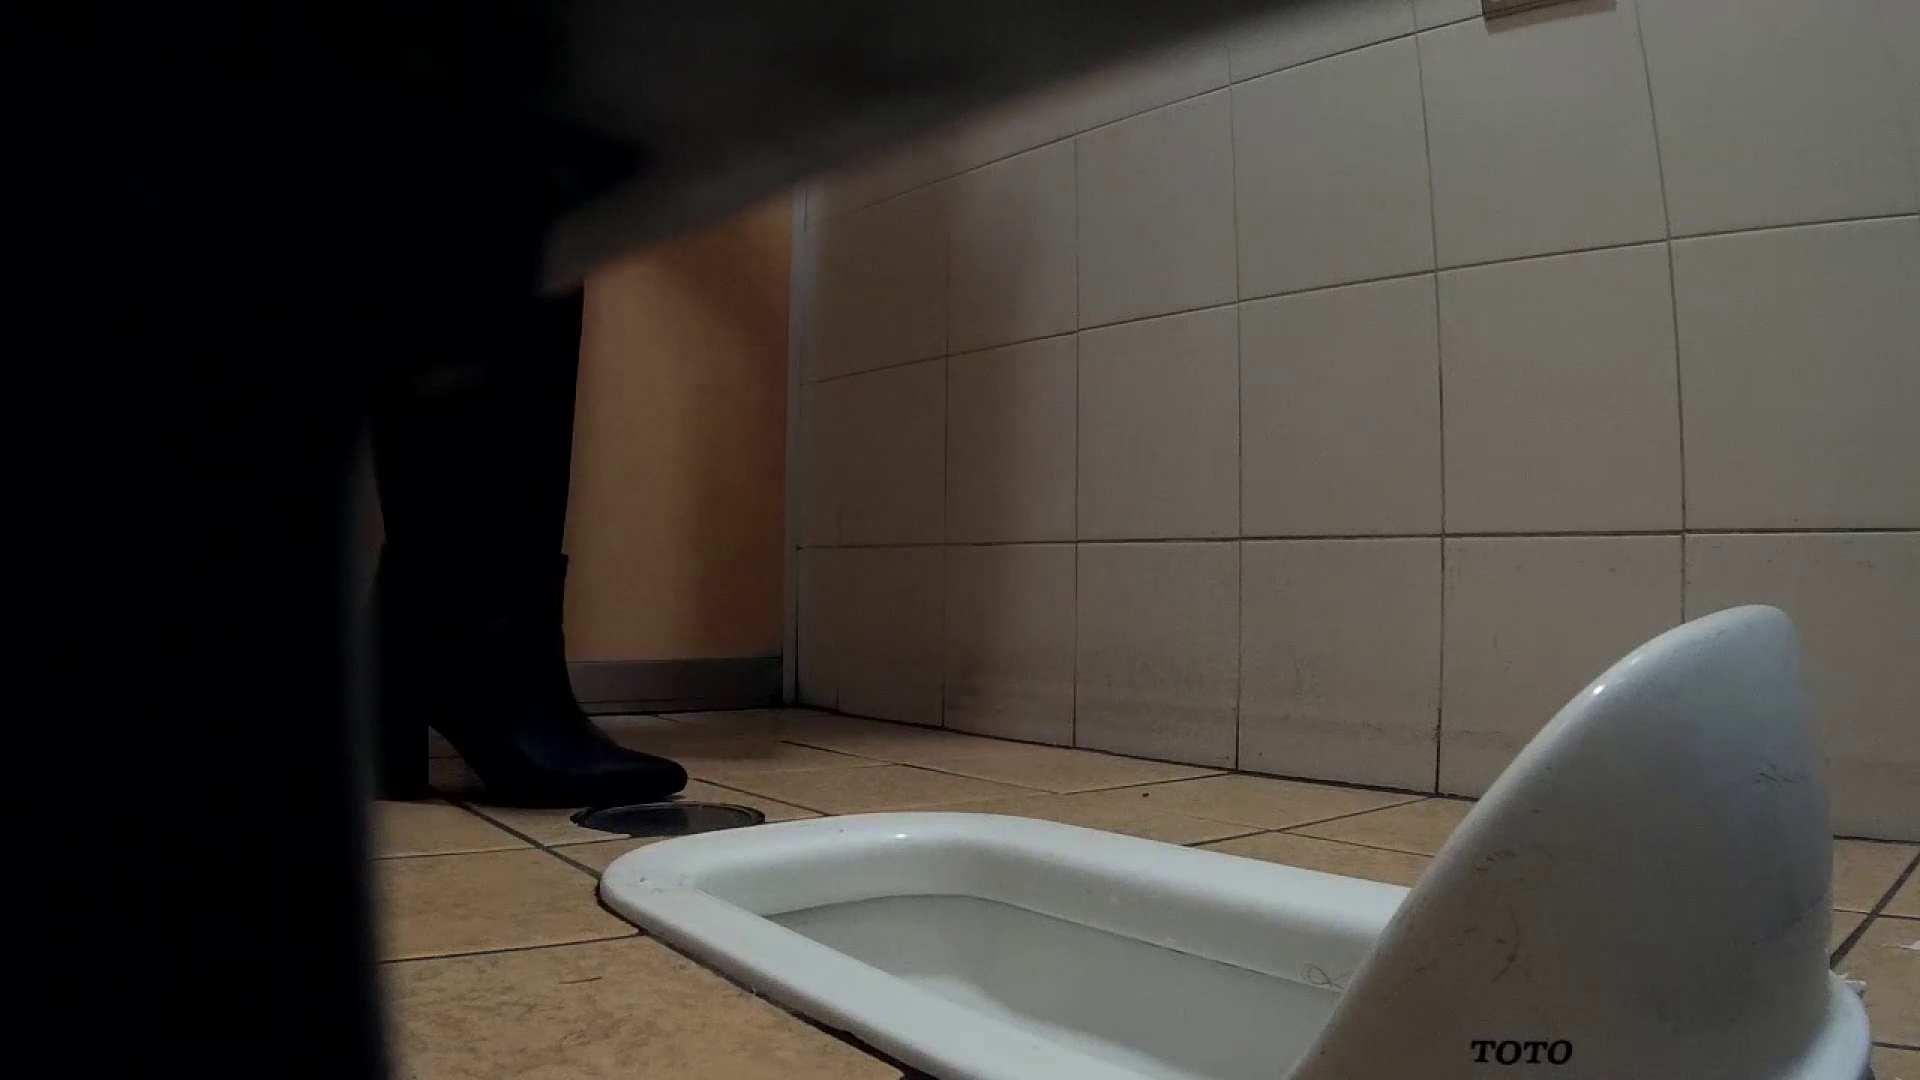 痴態洗面所 Vol.11 高貴なおねぇたんがたっぷり!! 洗面所着替え | OL  37連発 16